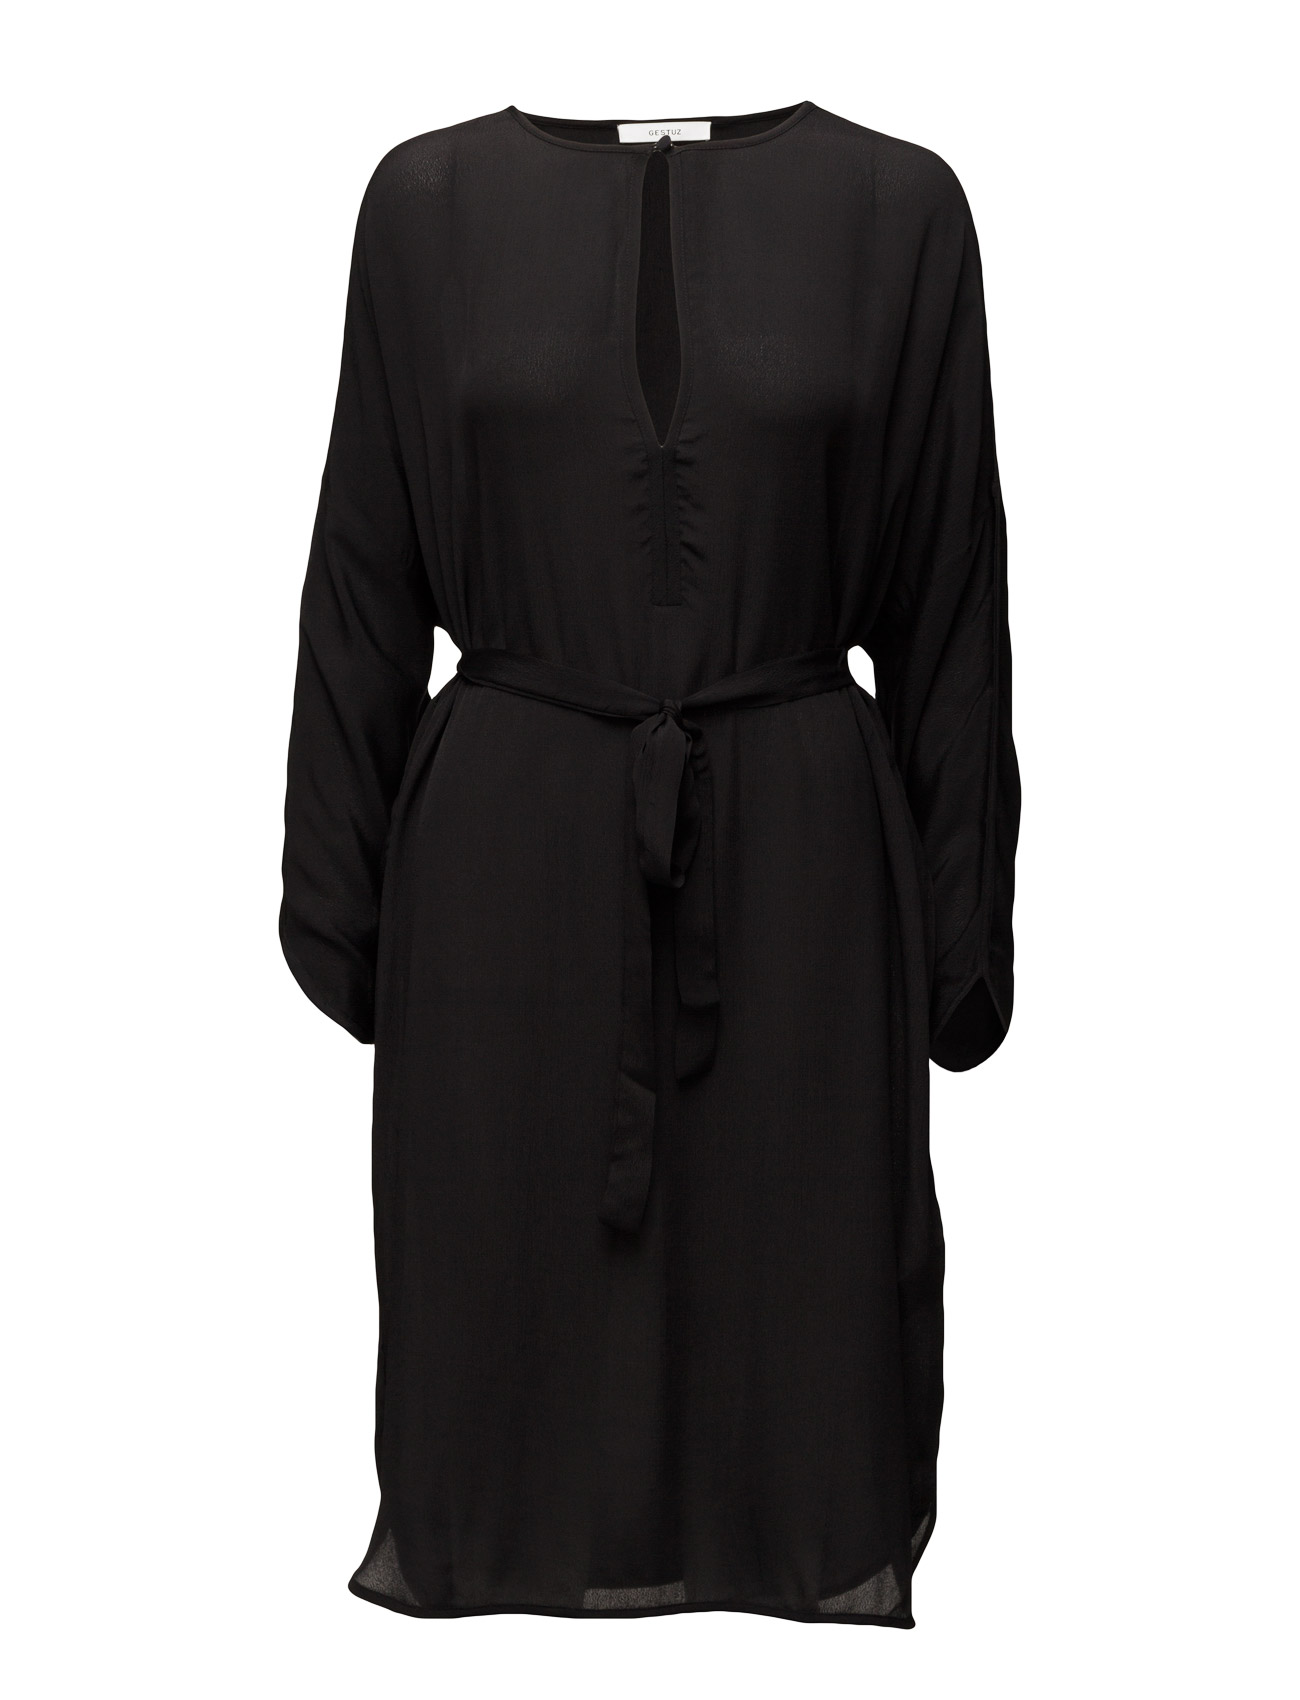 c05677e16b1 Shop Audra Tunic Ao16 Gestuz Knælange & mellemlange i Sort til Damer i en  online modebutik